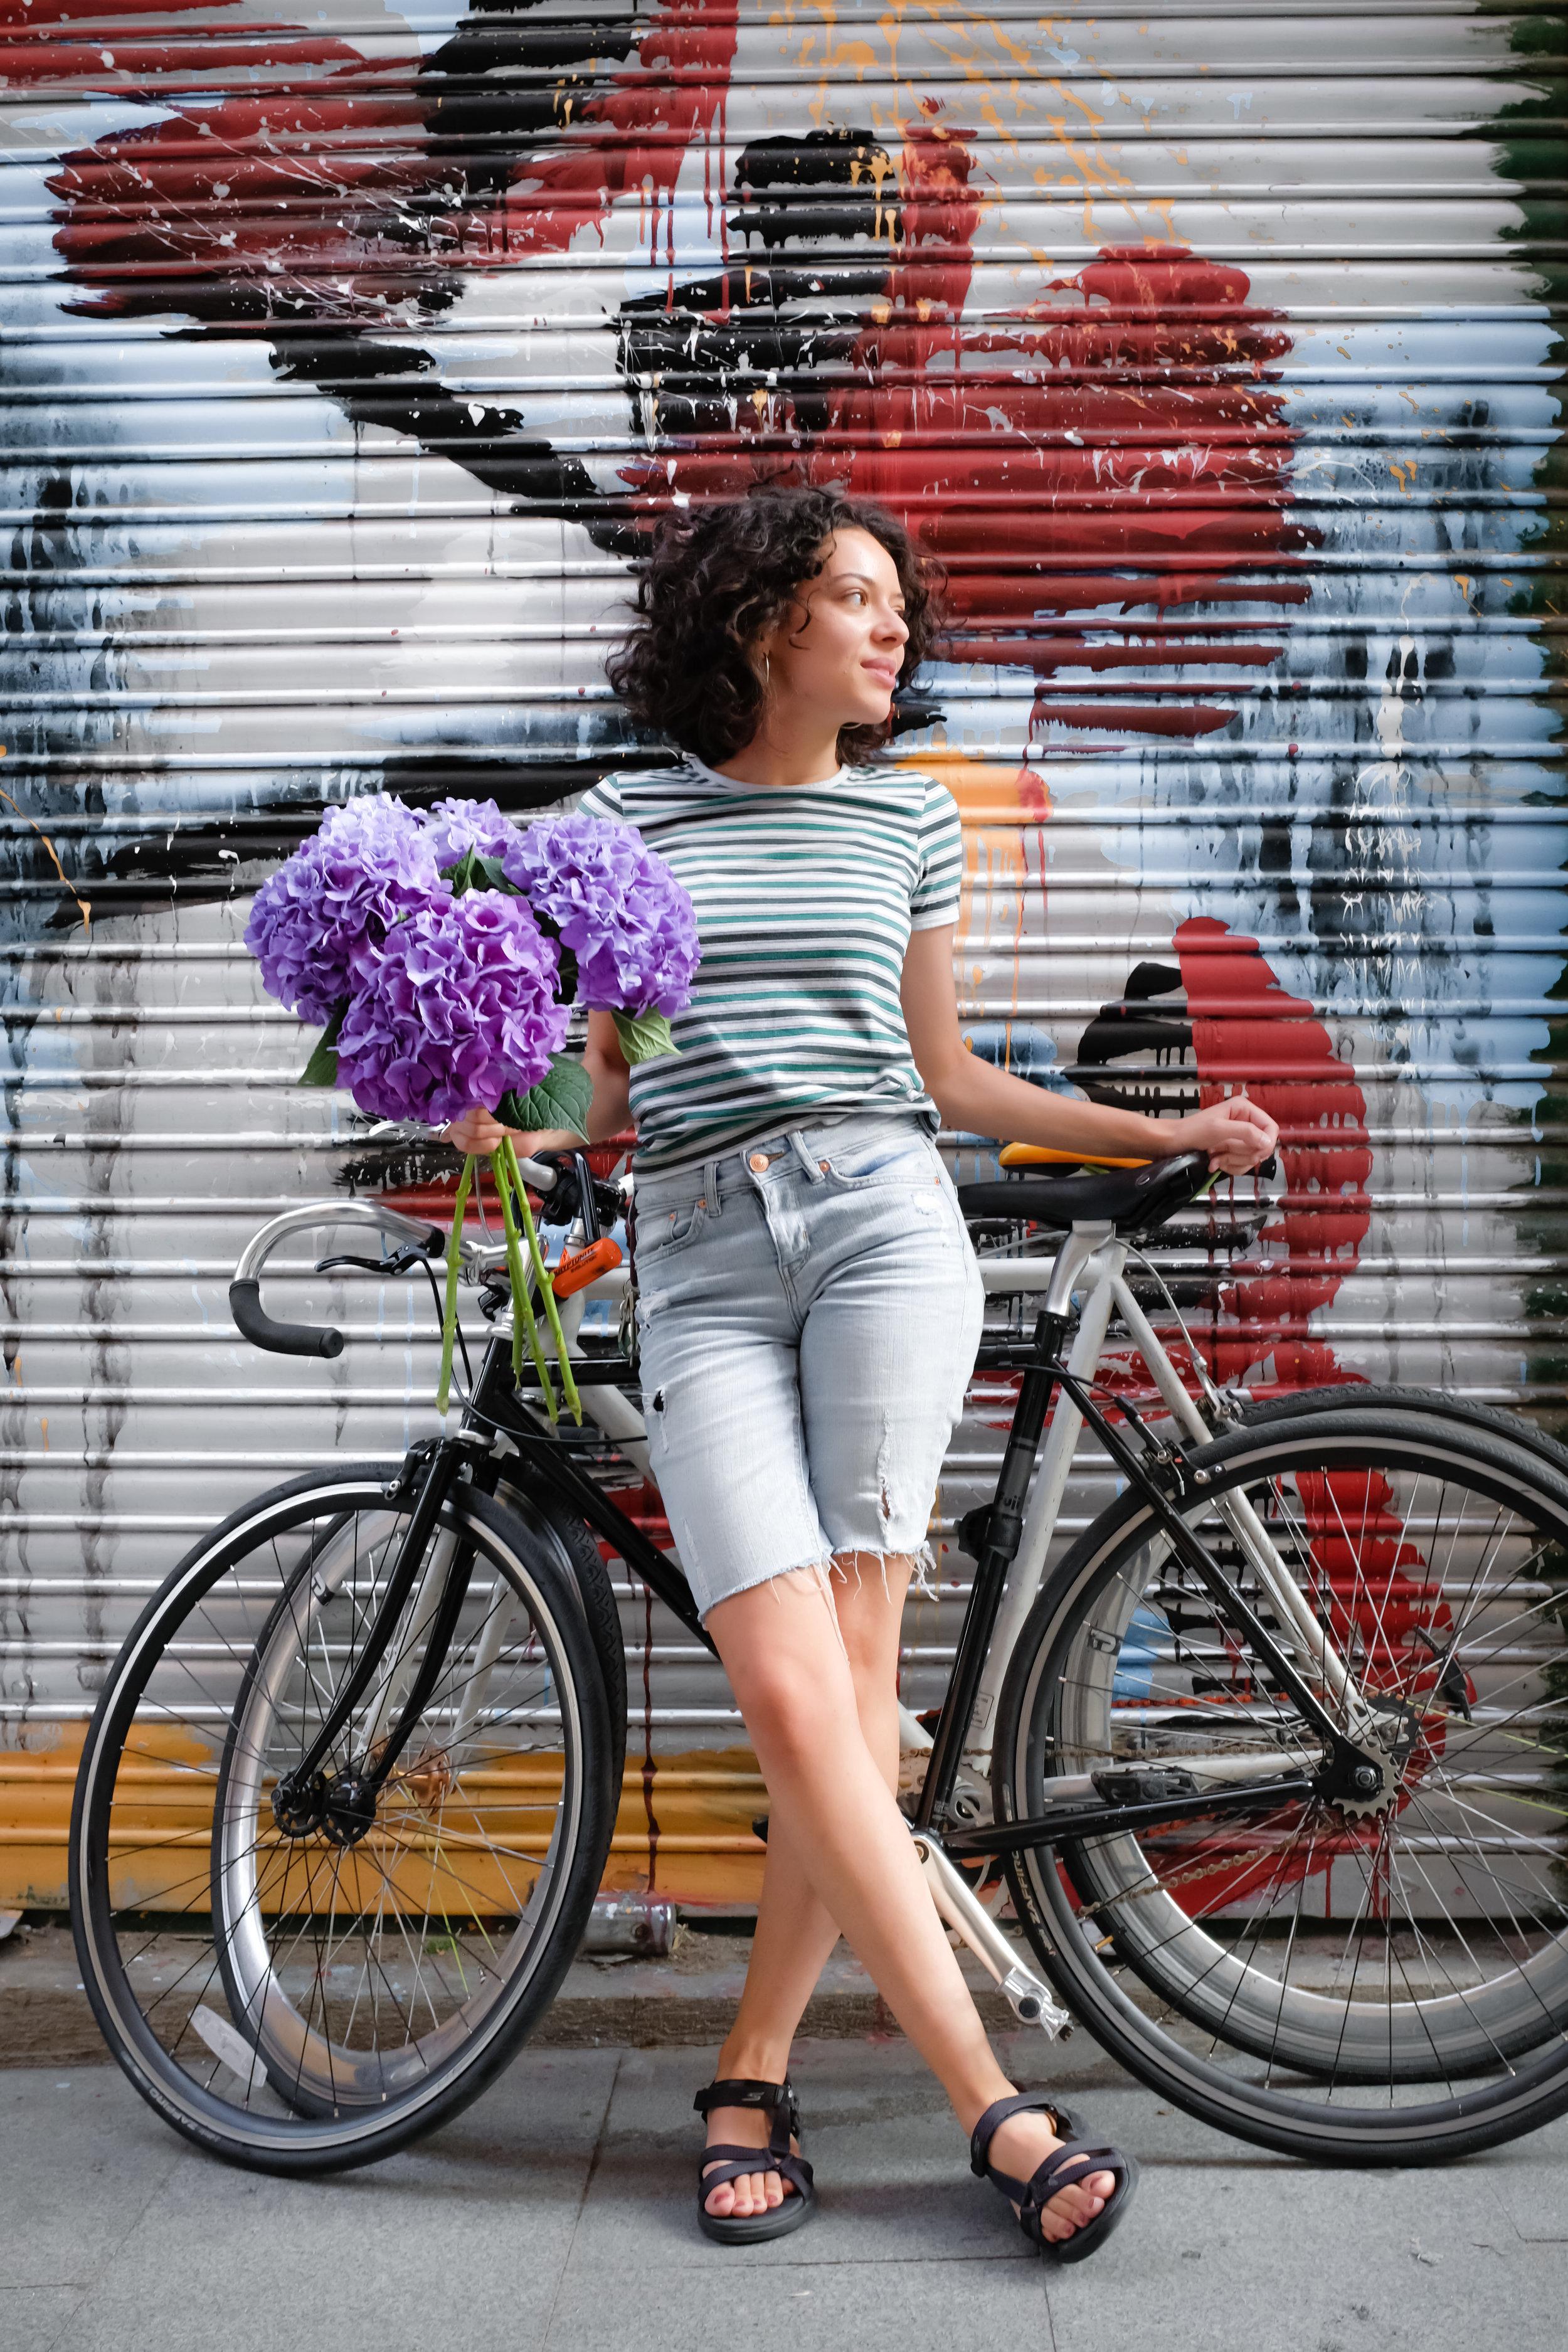 comprar hortensias en madrid centro.jpg